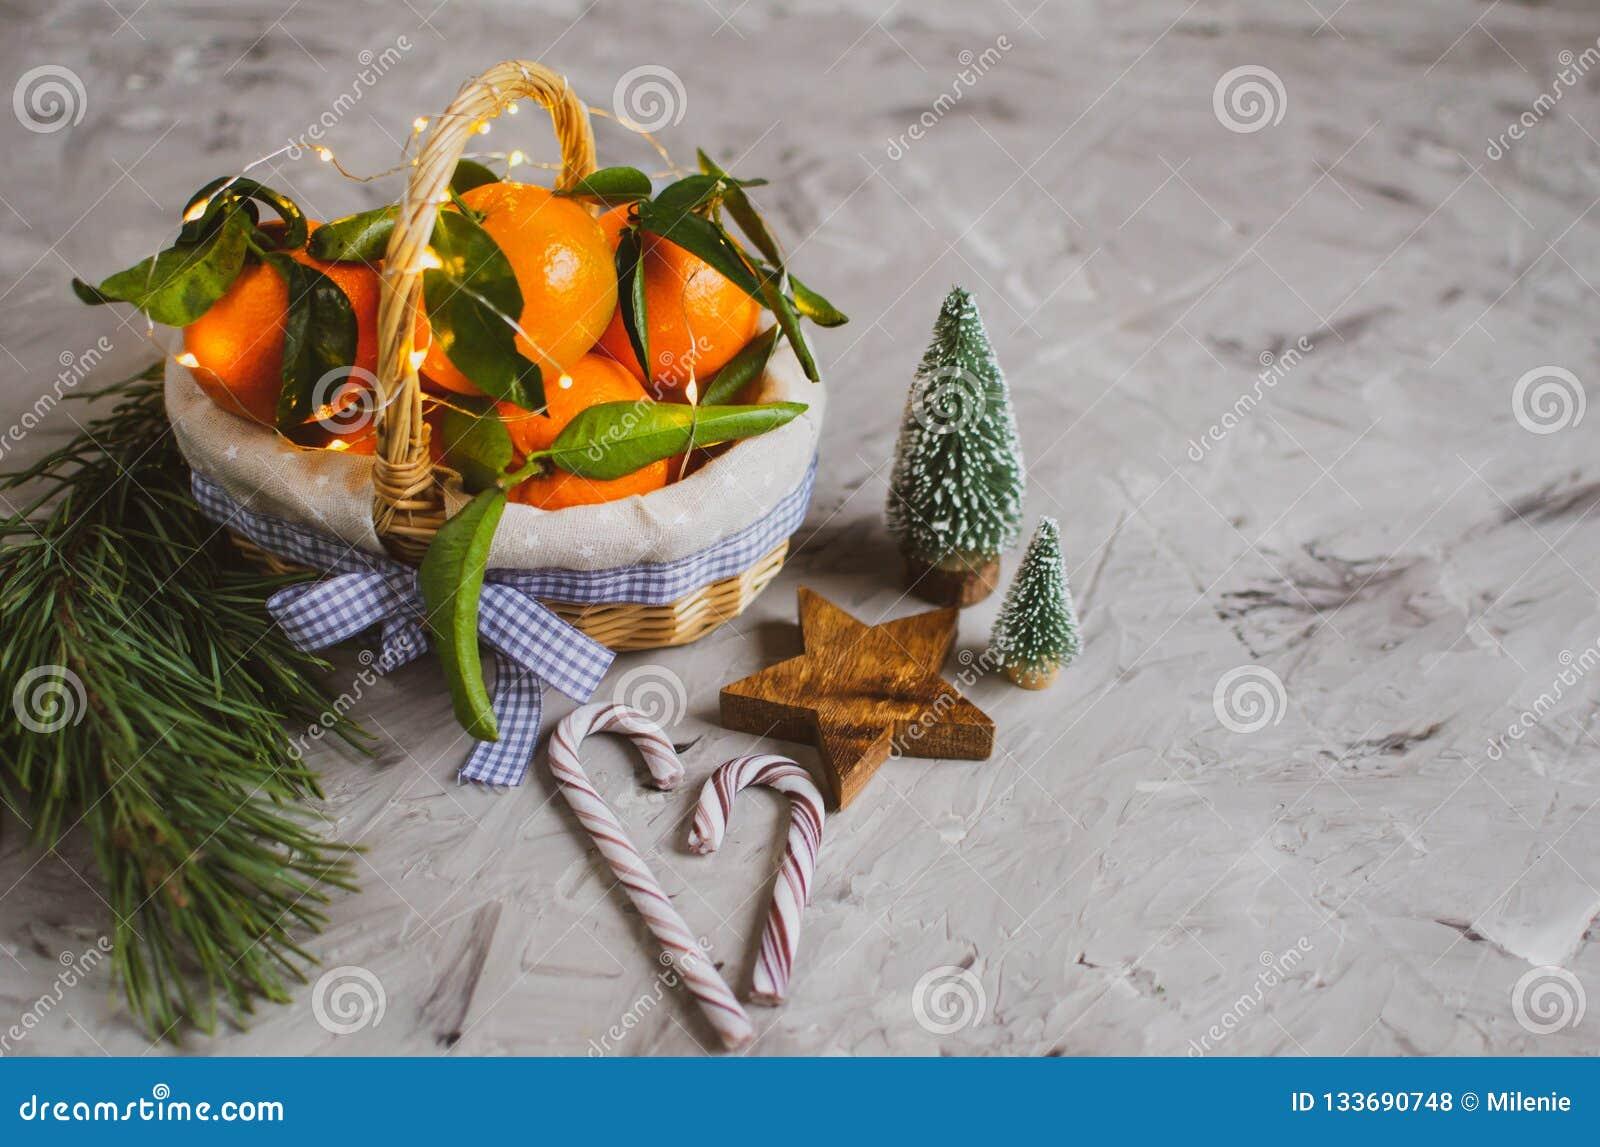 Ξύλινο μανταρίνι καλαθιών με τα φύλλα και φω τα, Tangerine πορτοκάλι στα γκρίζα επιτραπέζιου υποβάθρου ντεκόρ έτους Χριστουγέννων